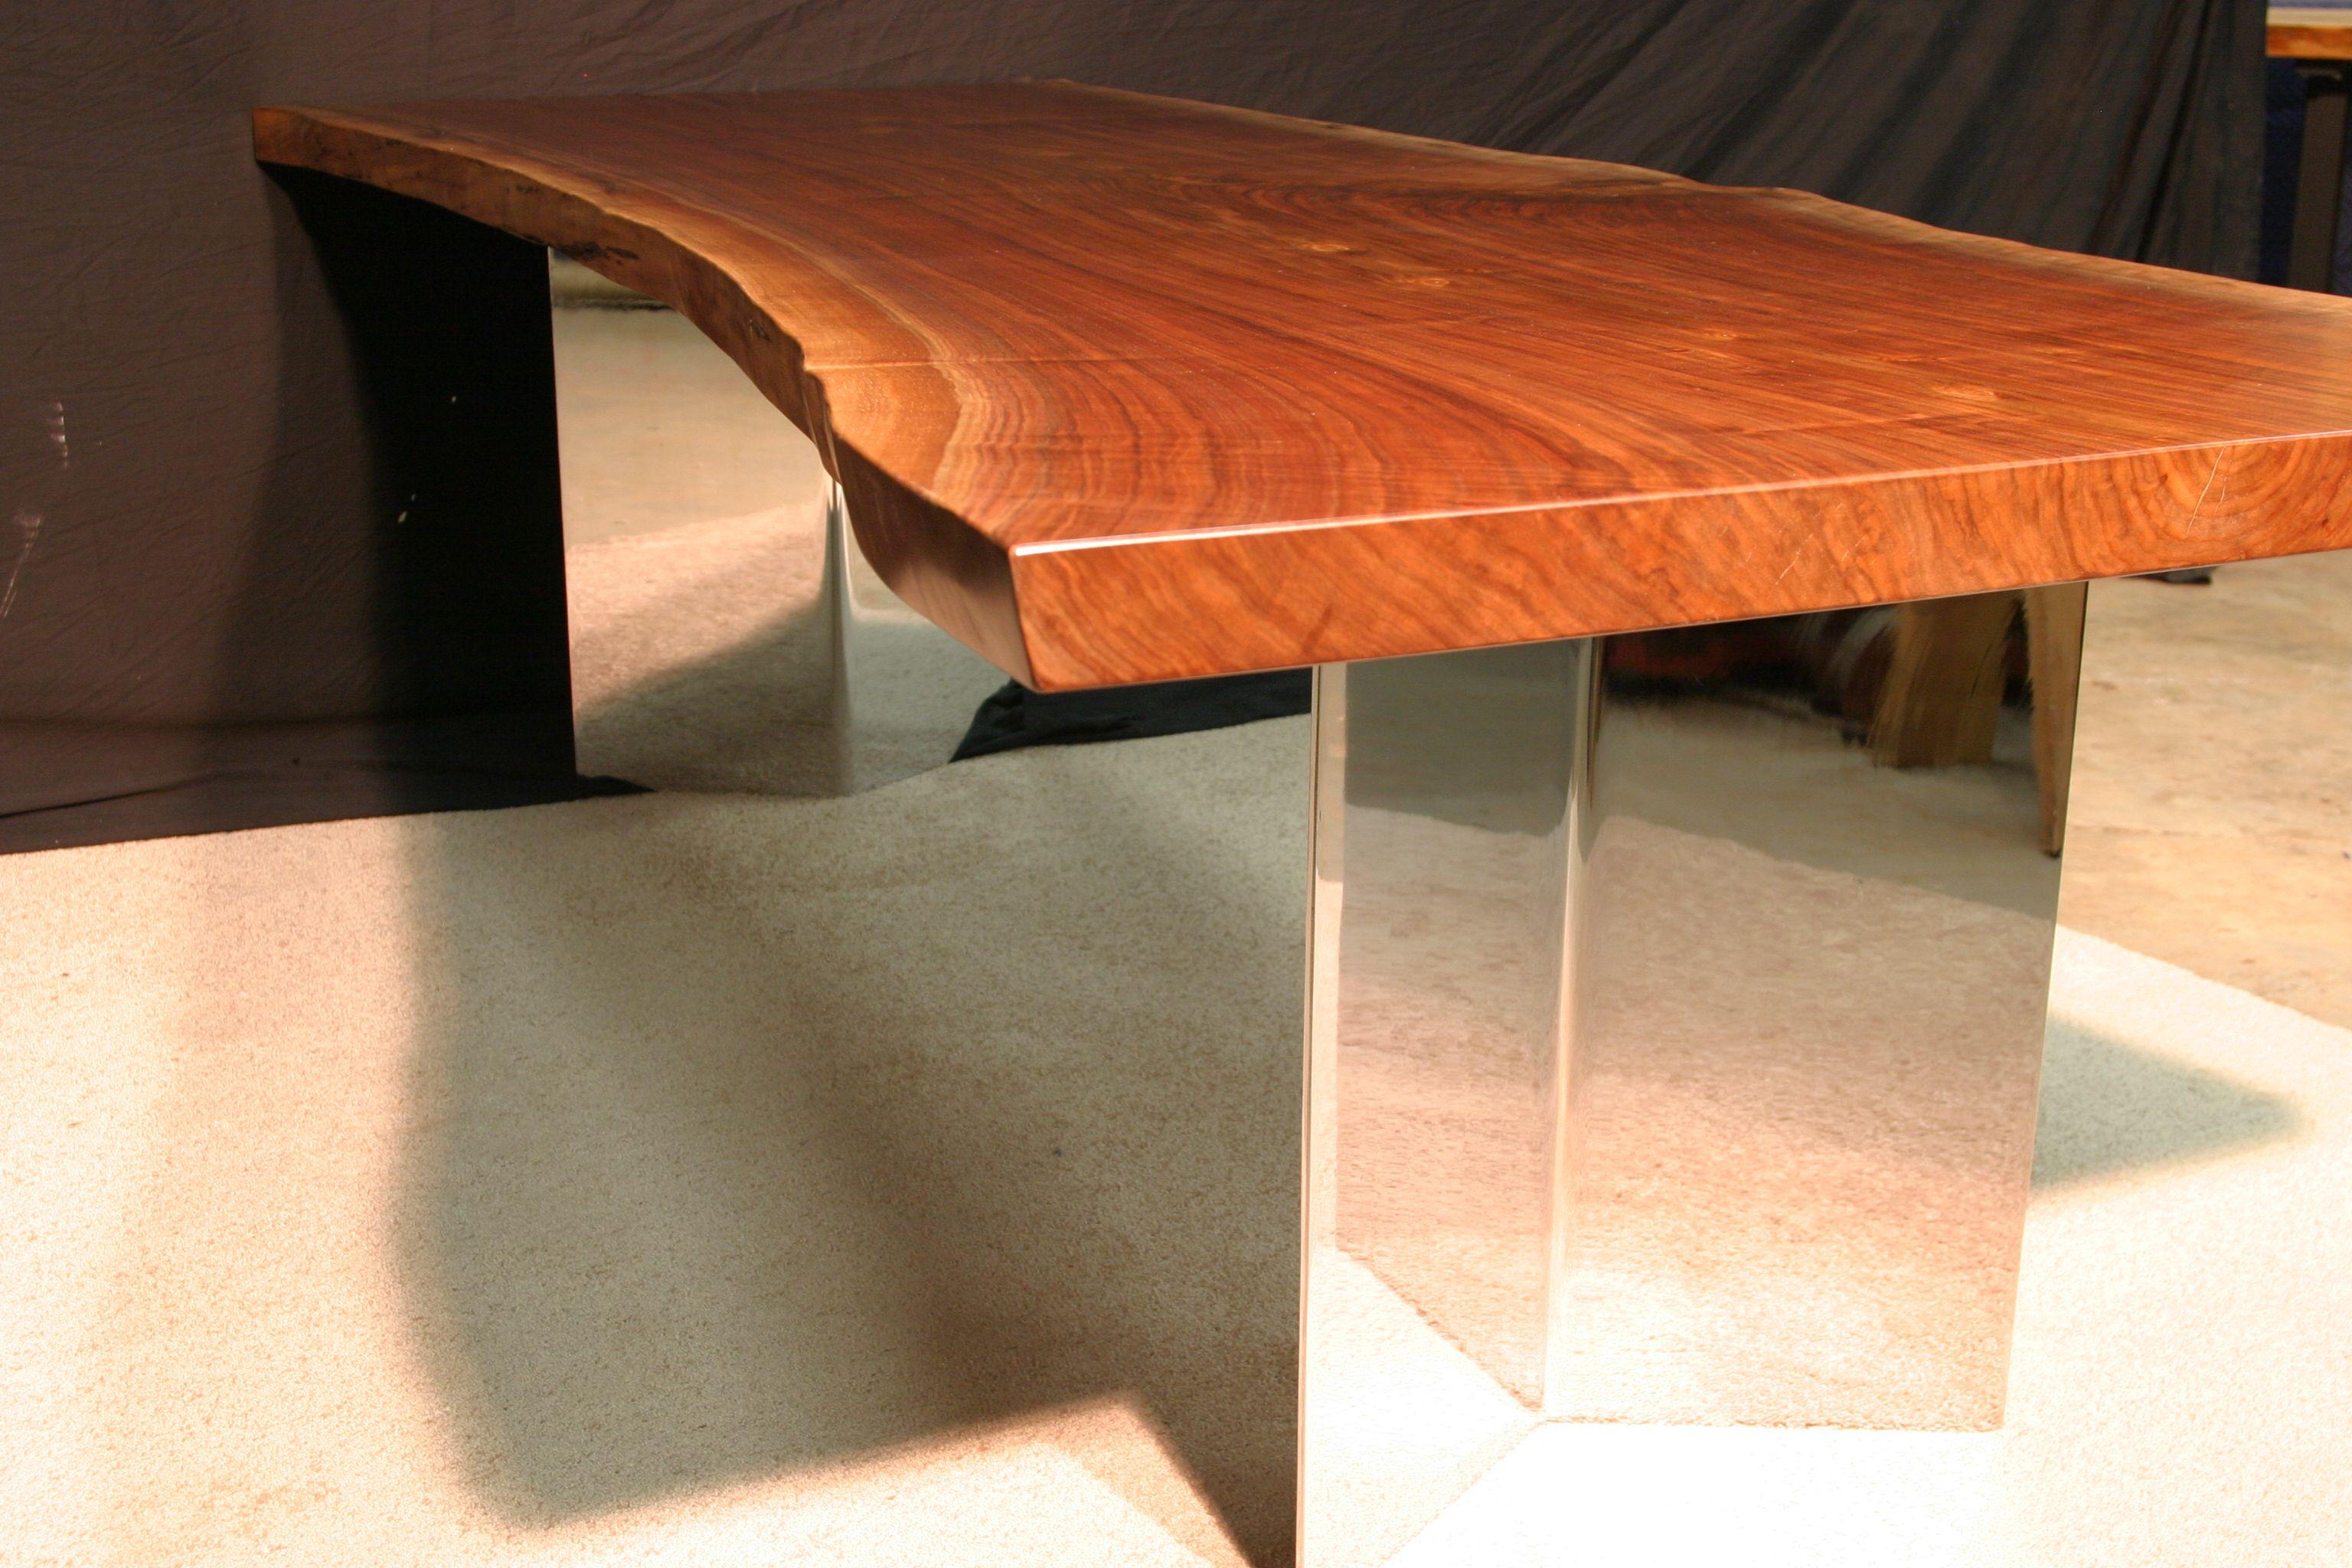 Wood slab table legs - Wood Slab Aluminum Table Legs Google Search